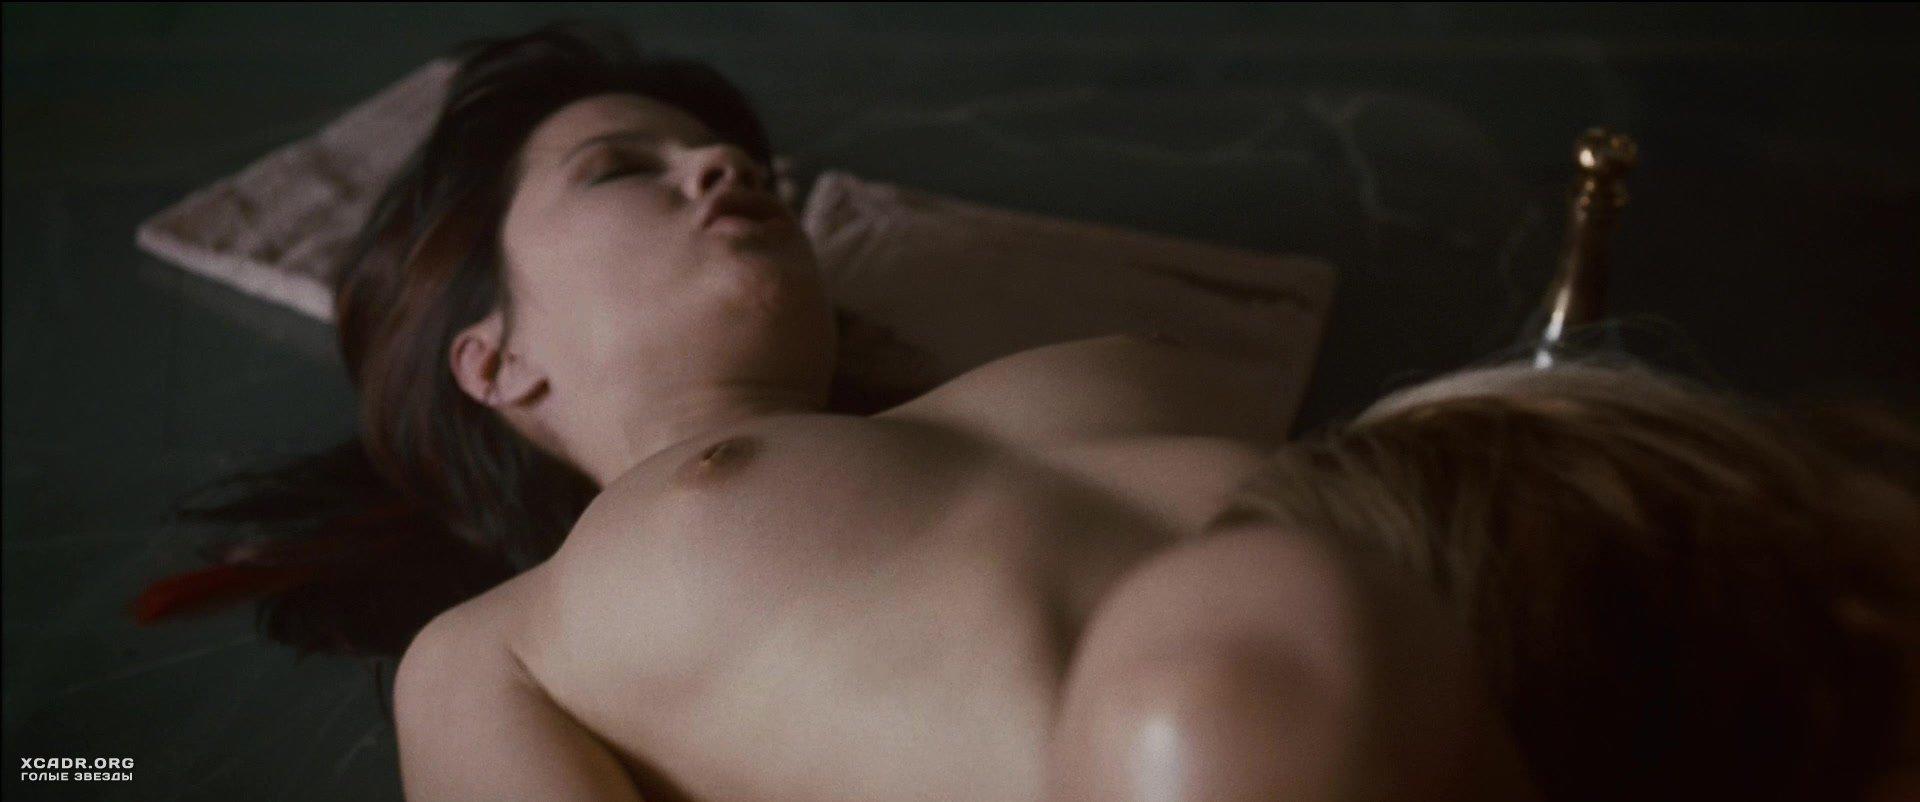 Natassia malthe fucking, age group sex